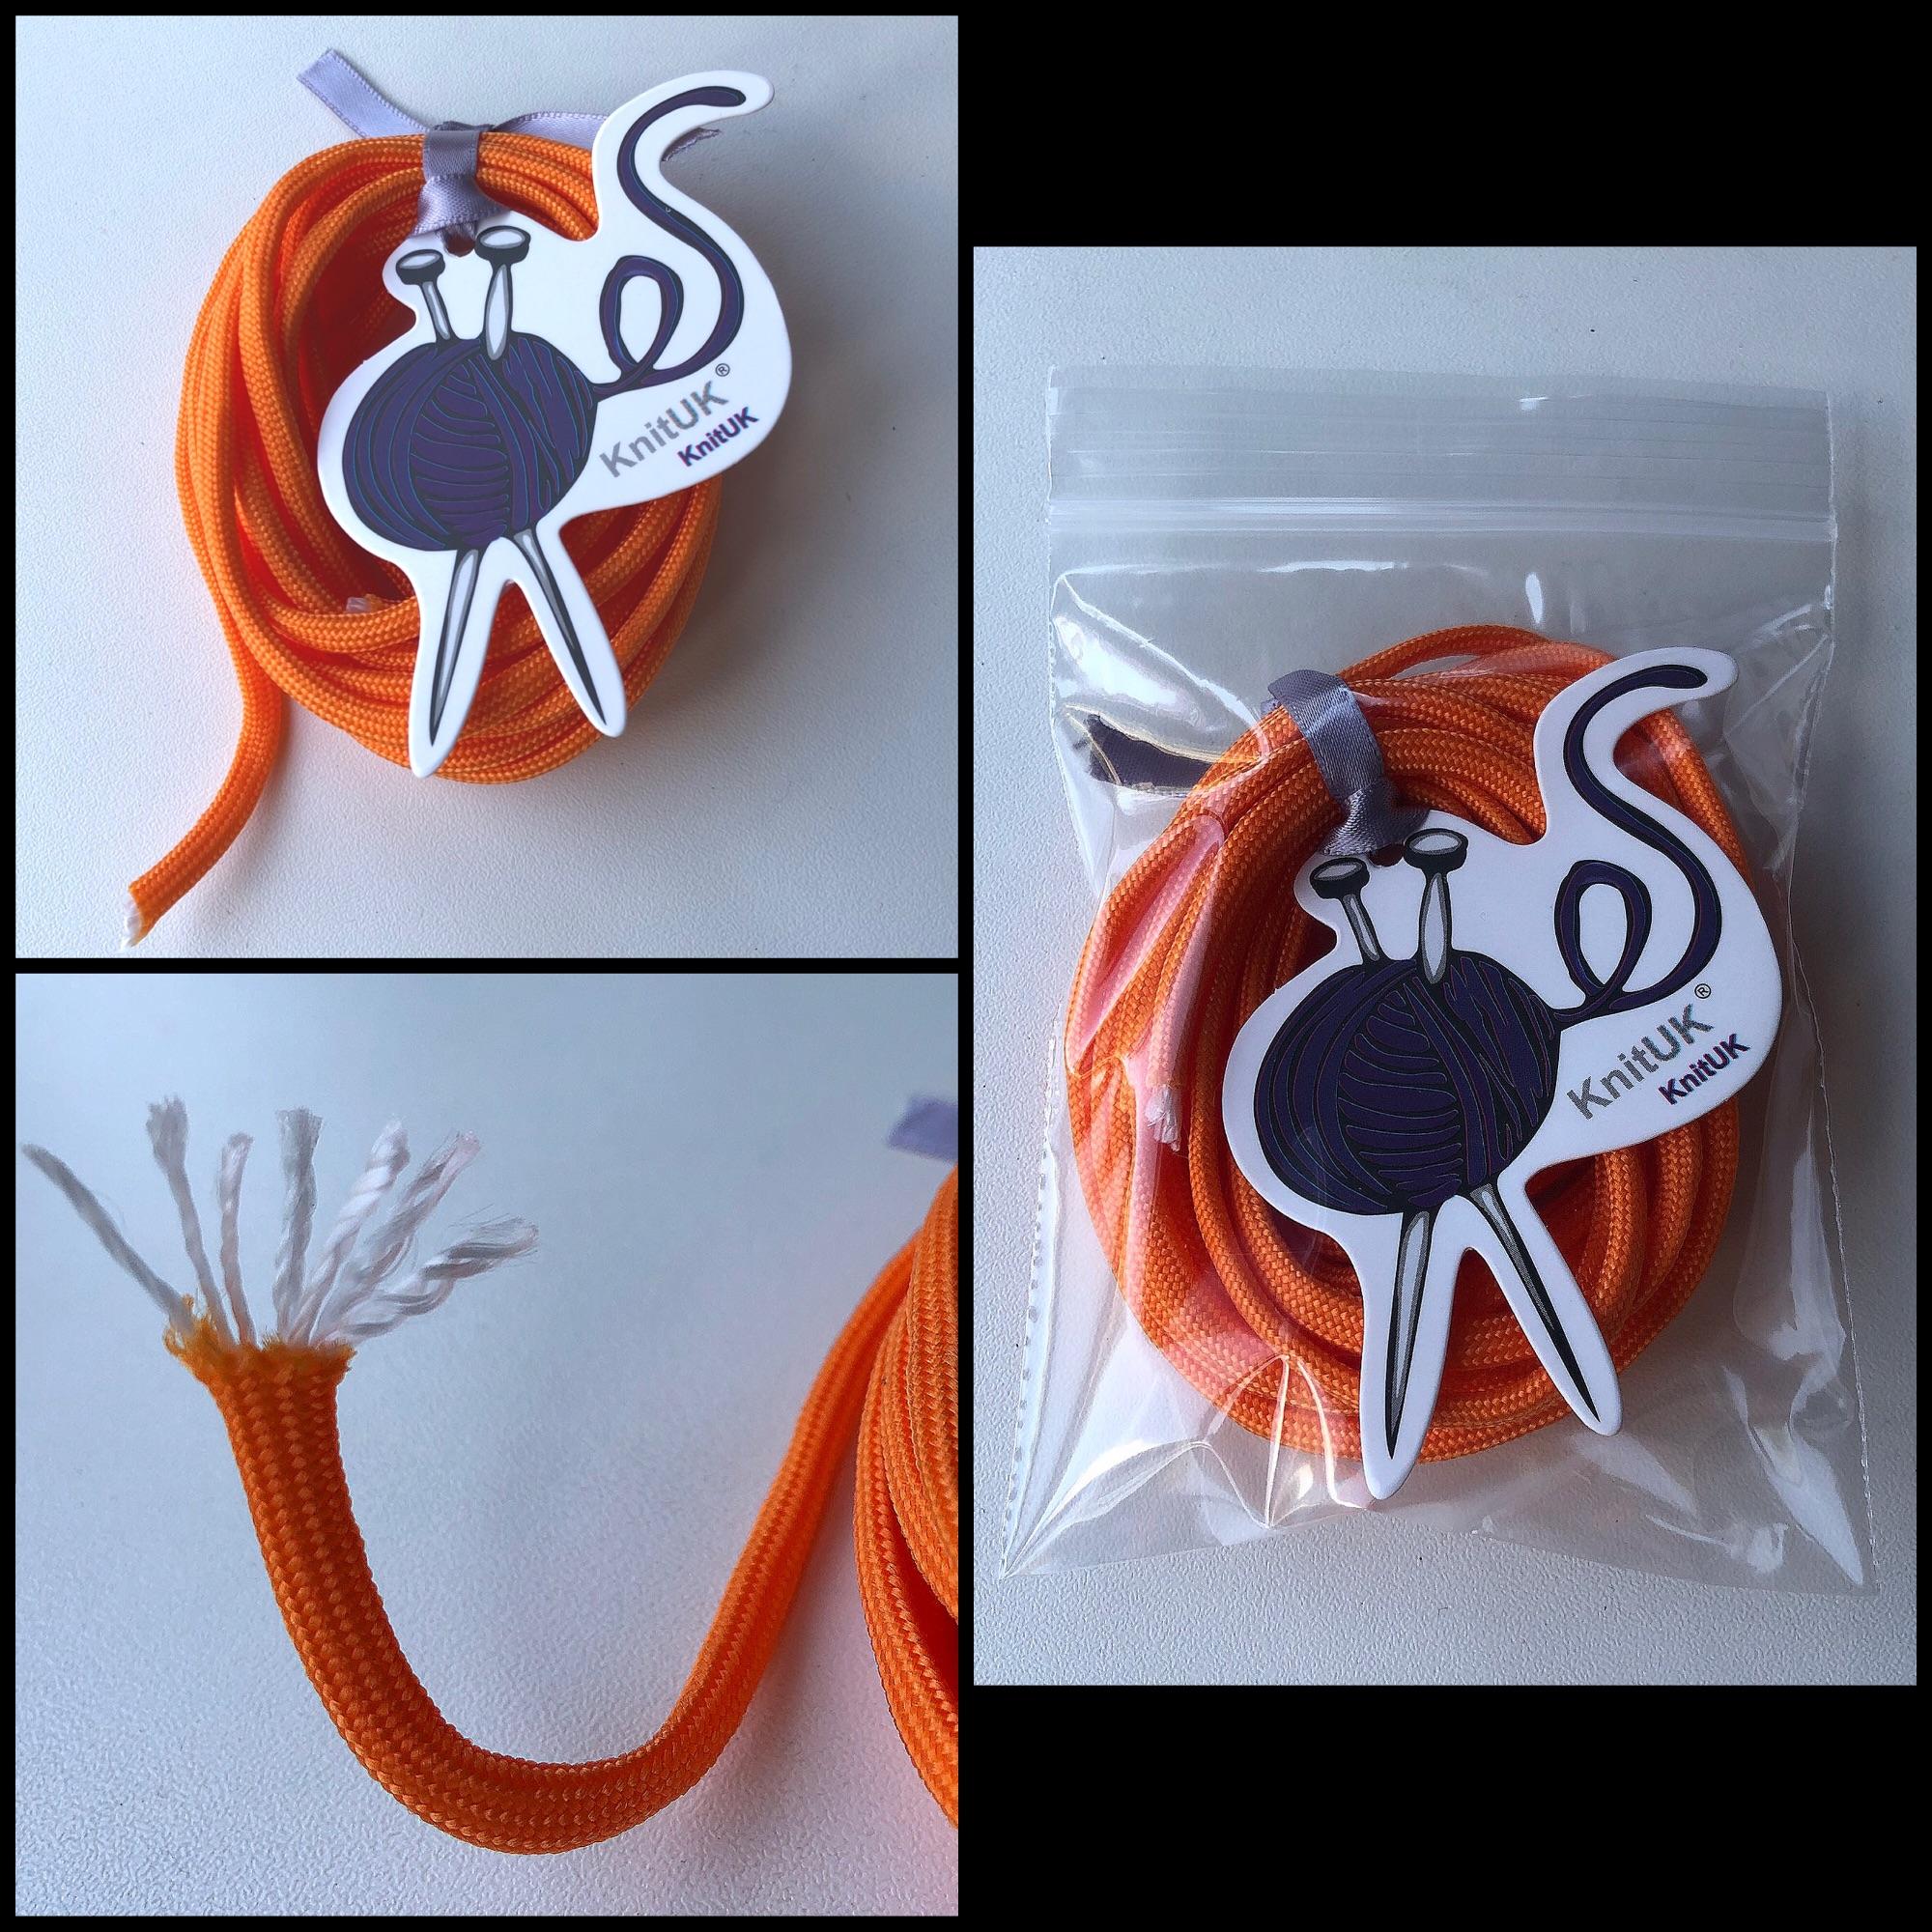 Knituk paracord 550 packaging